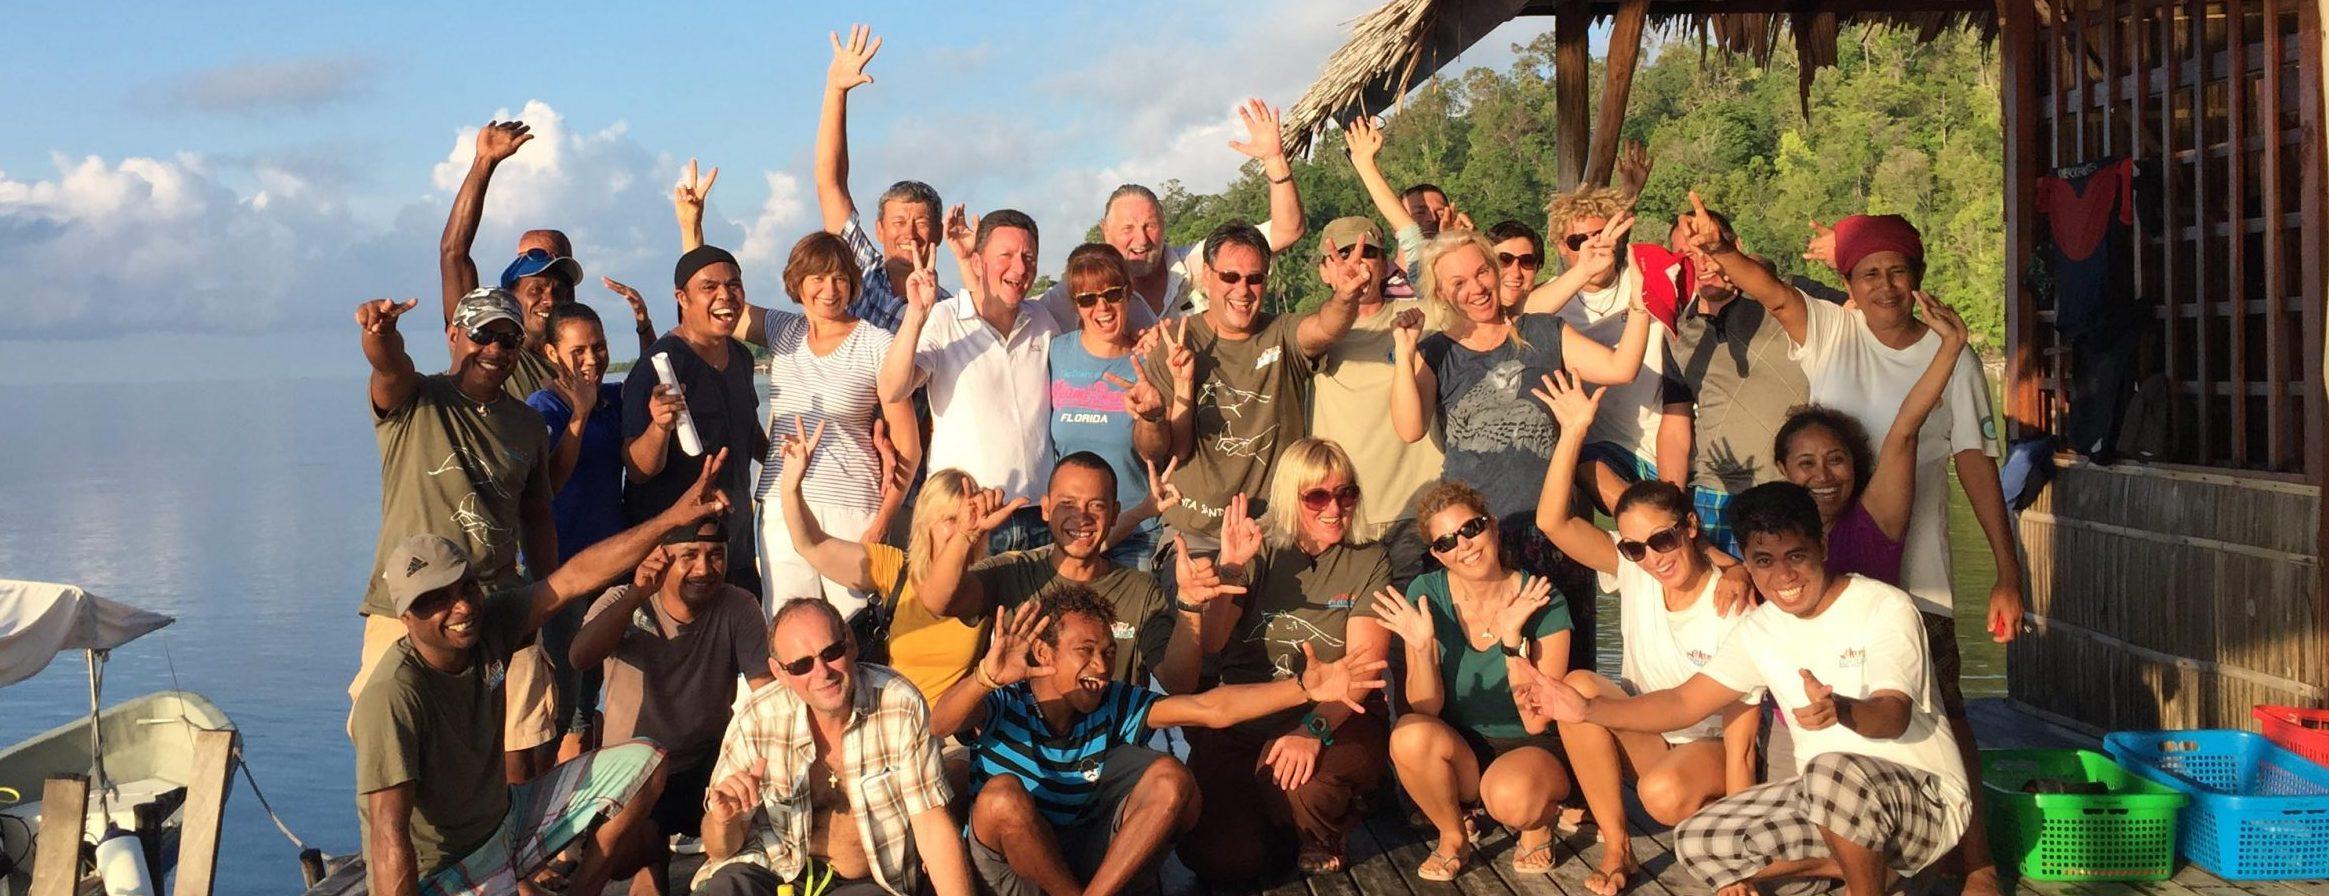 happy guests at papua explorers eco resort